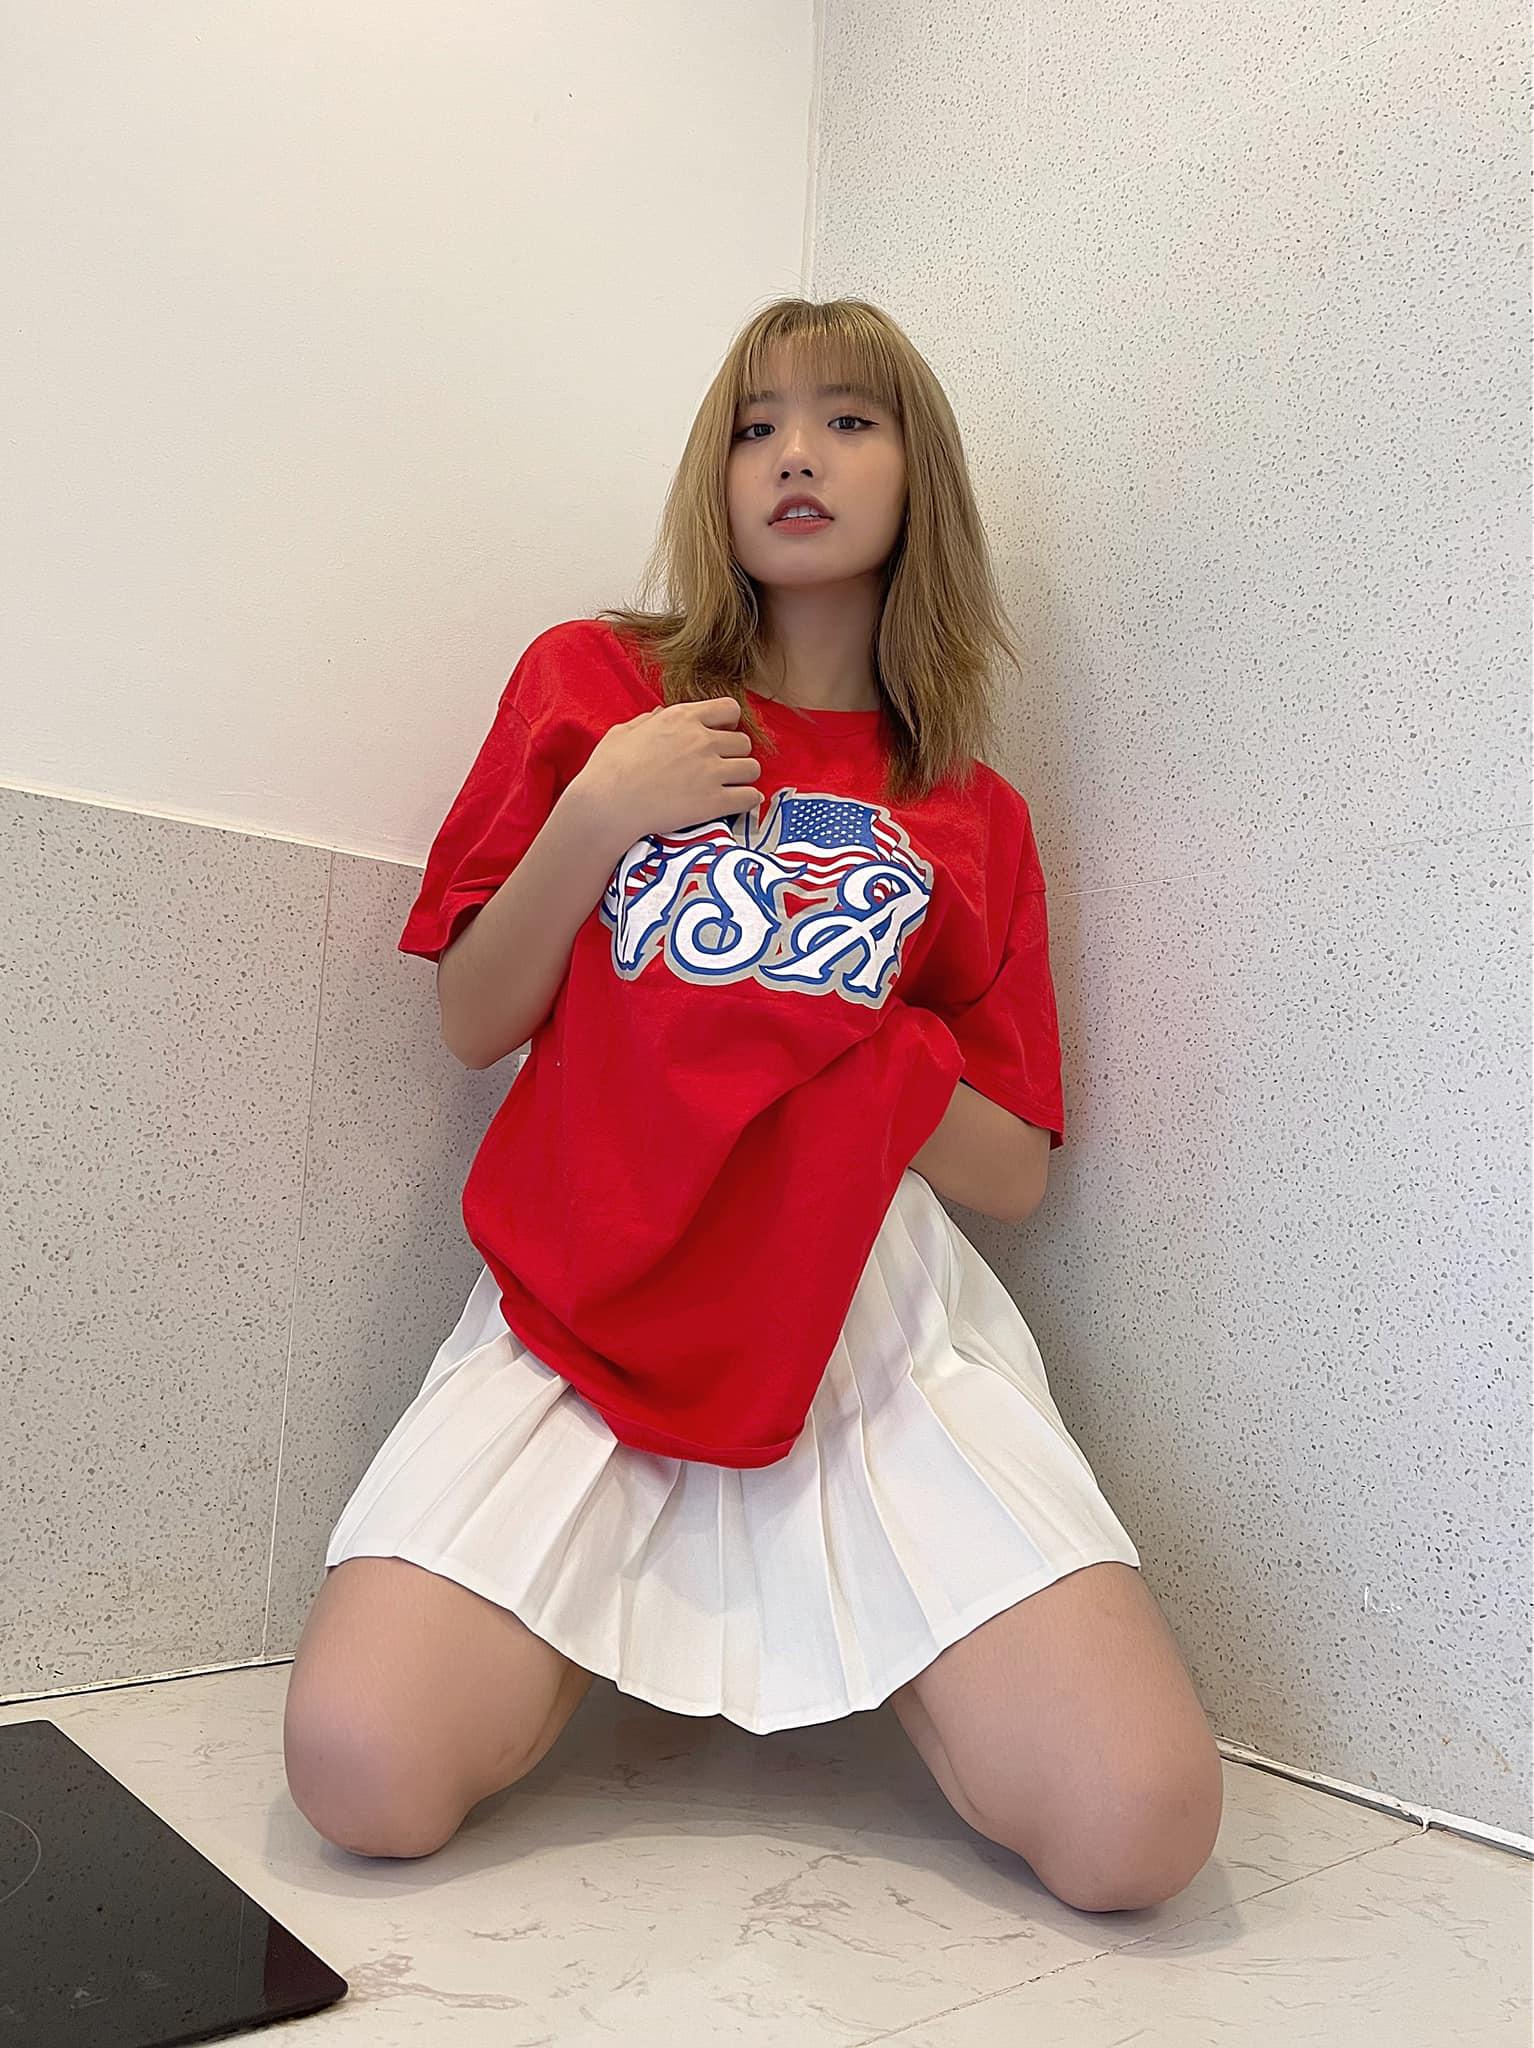 Ngoan hiền chưa bao lâu, hotgirl Tiktok 17 tuổi Lê Thị Khánh Huyền lại tung ảnh không phù hợp với độ tuổi 2